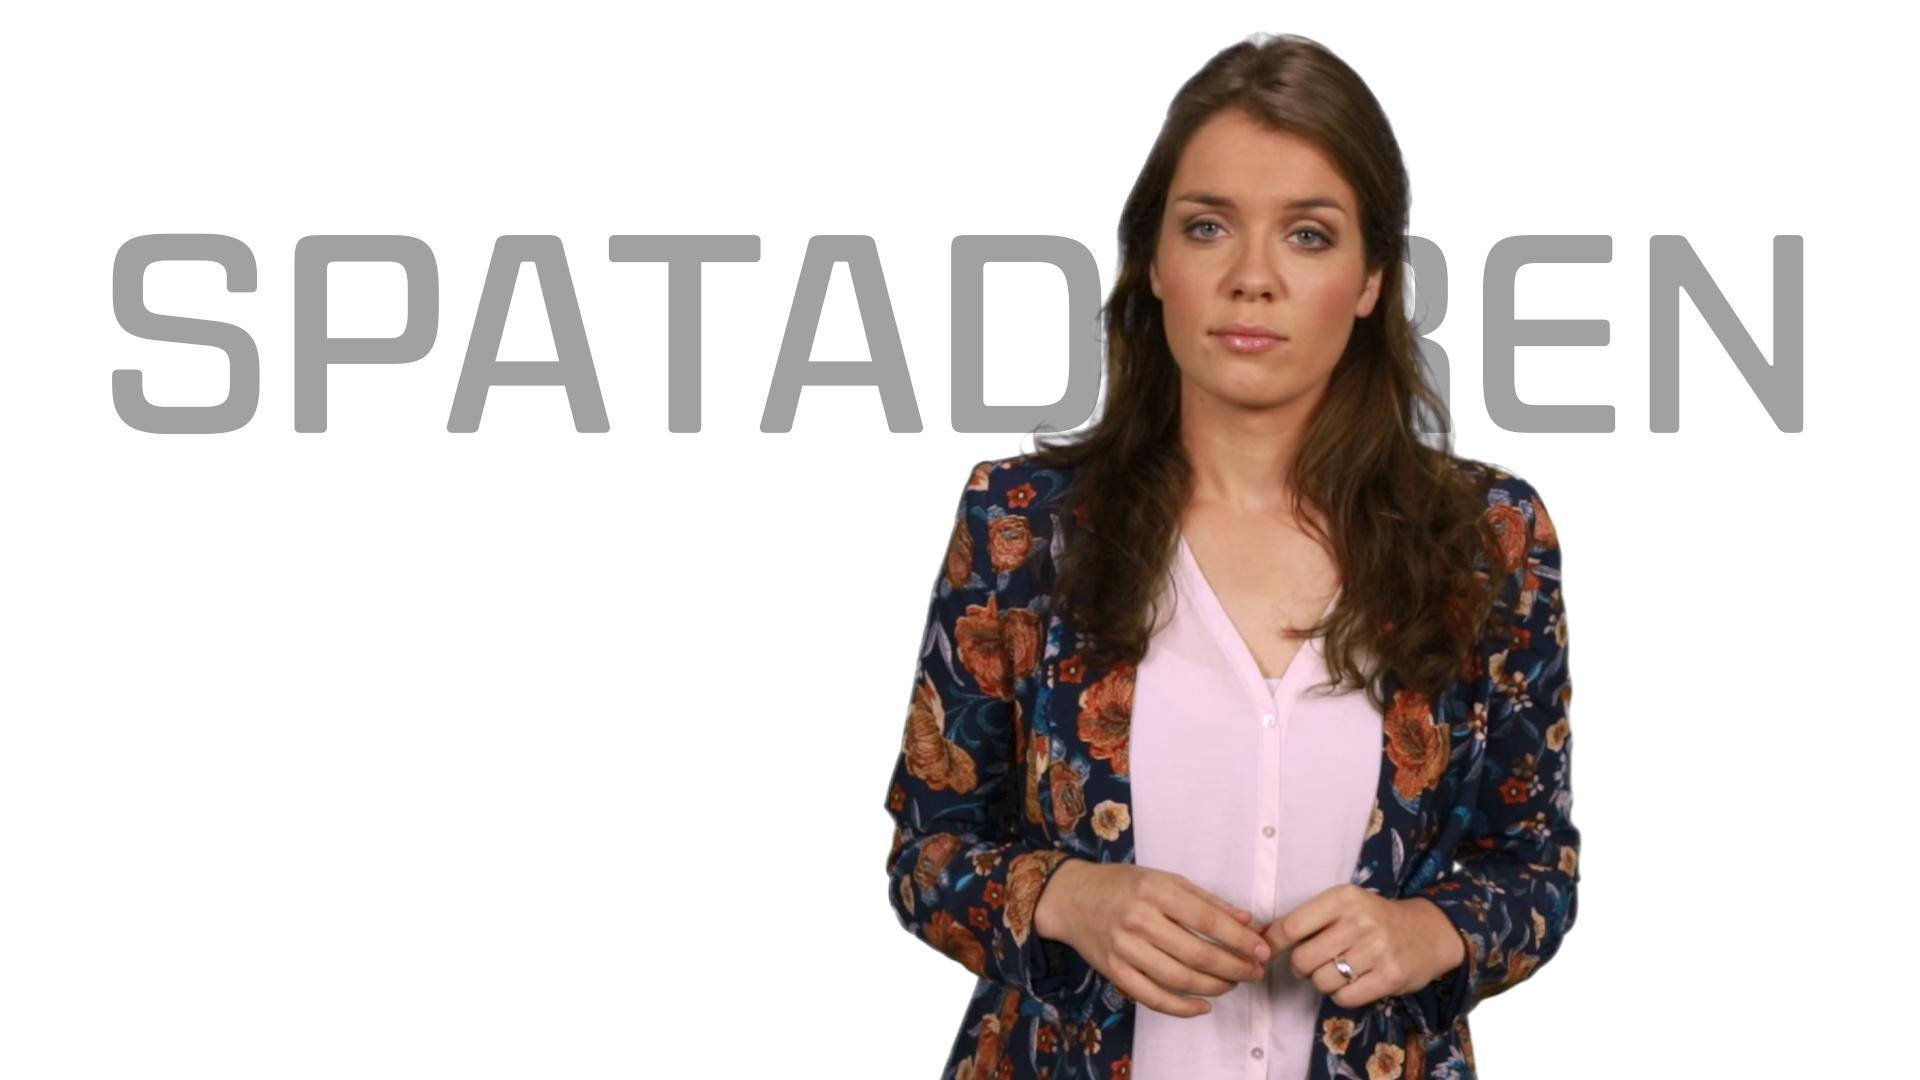 Bekijk de video: Spataderen